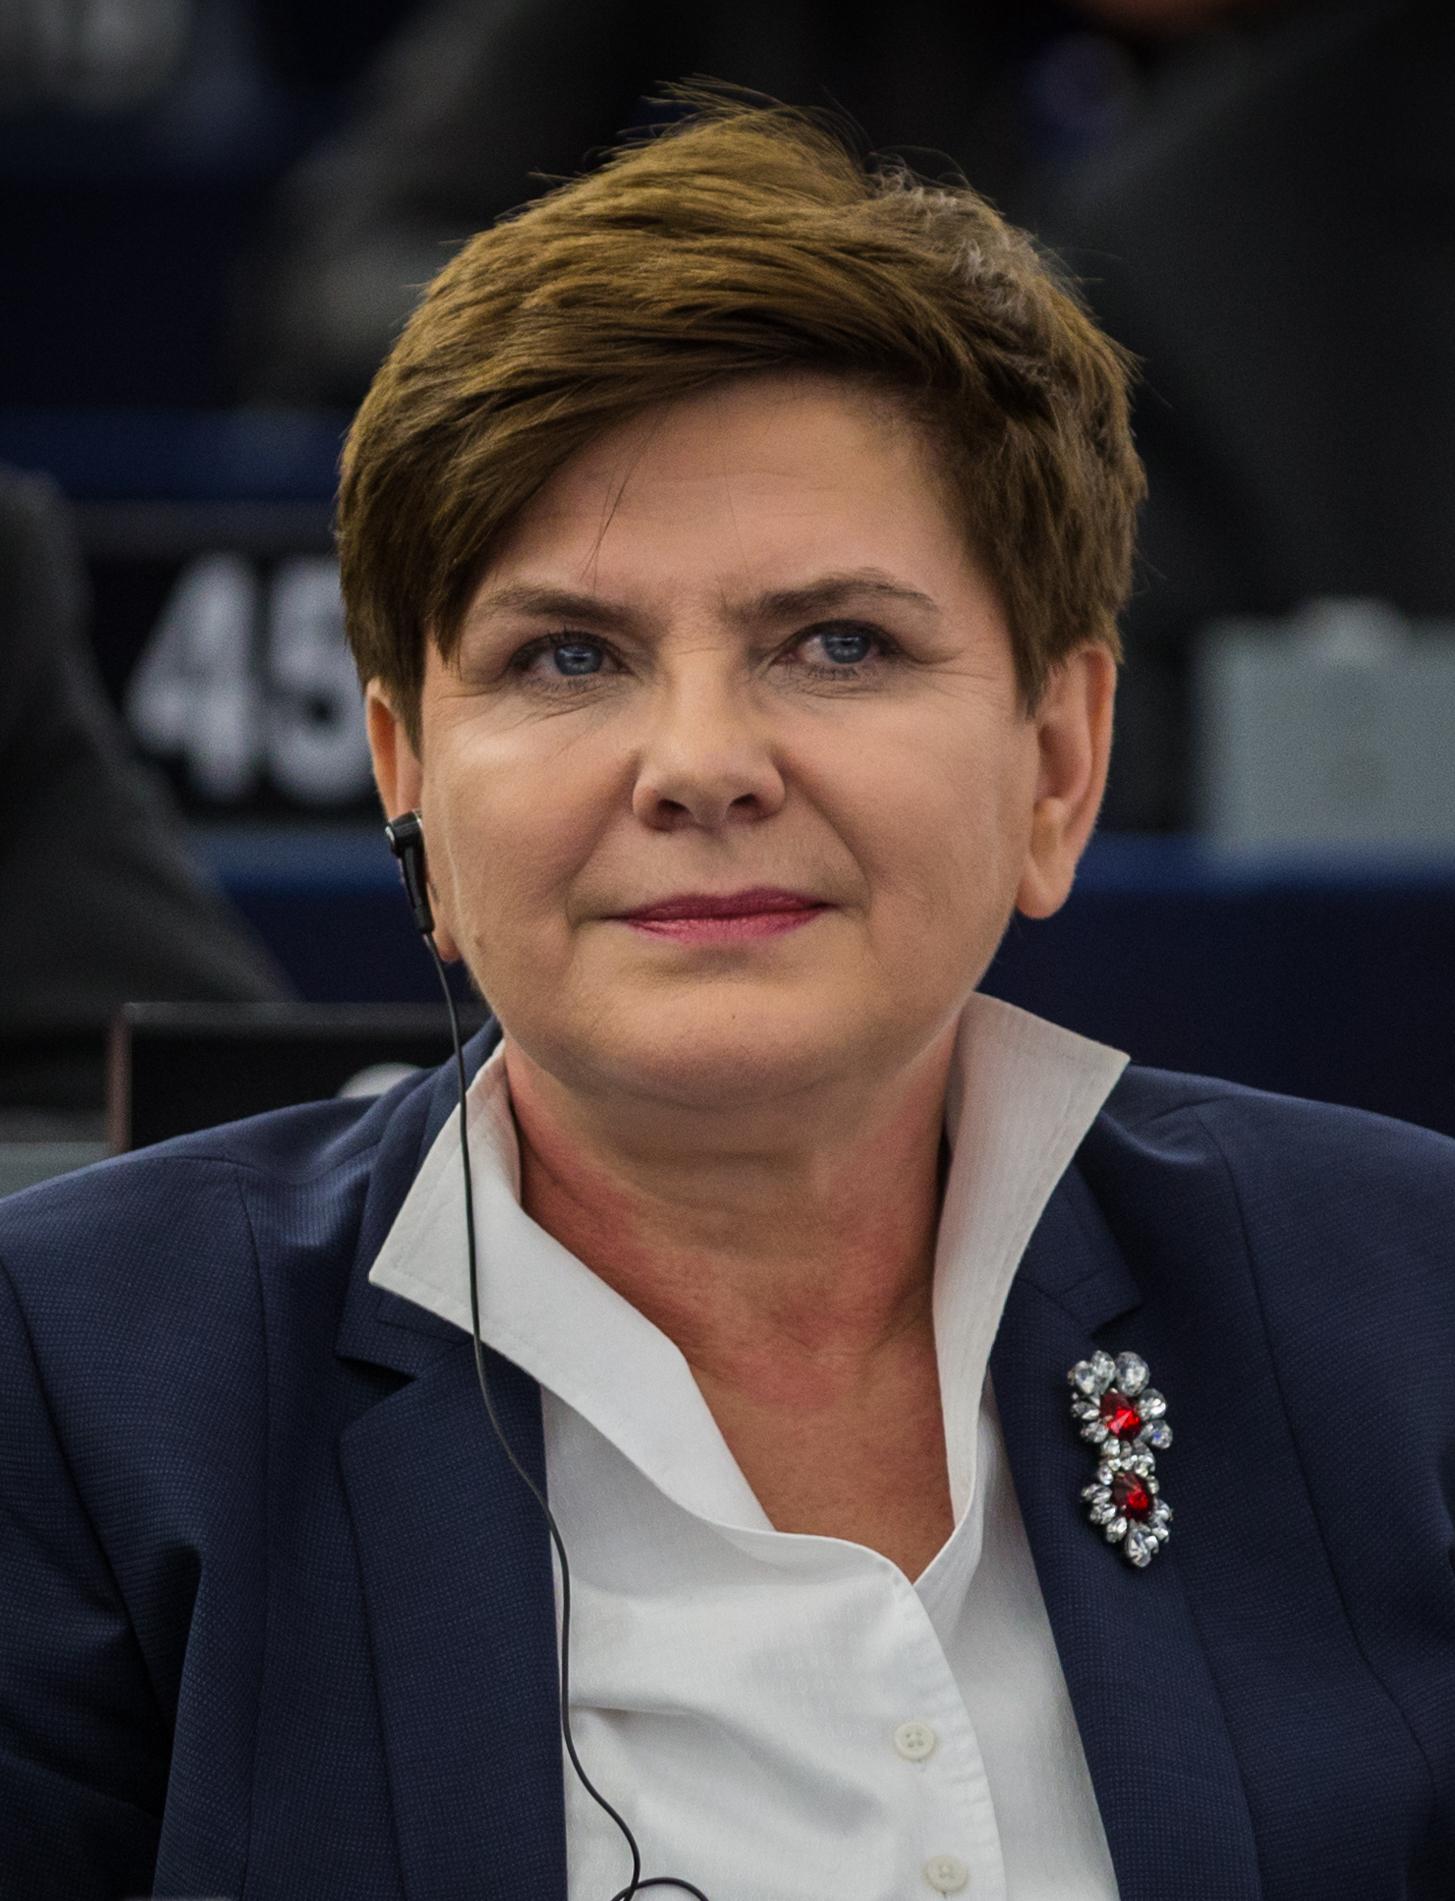 Prezydent Andrzej Duda i była premier Beata Szydło mają przyjechać do Kolbuszowej  - Zdjęcie główne